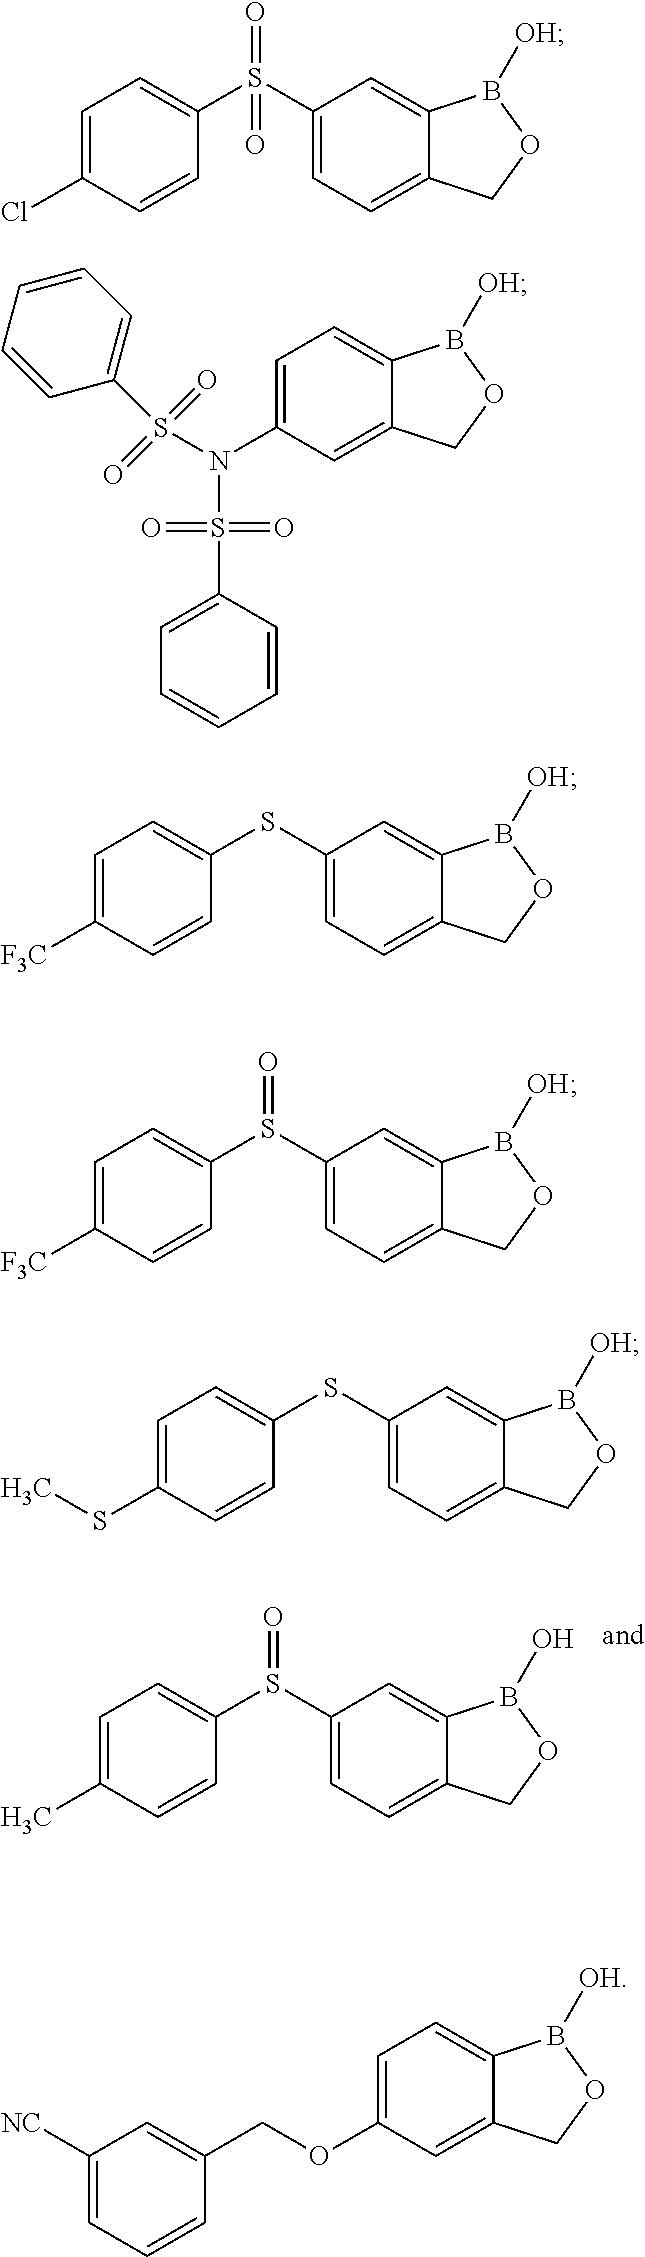 Figure US09566289-20170214-C00156